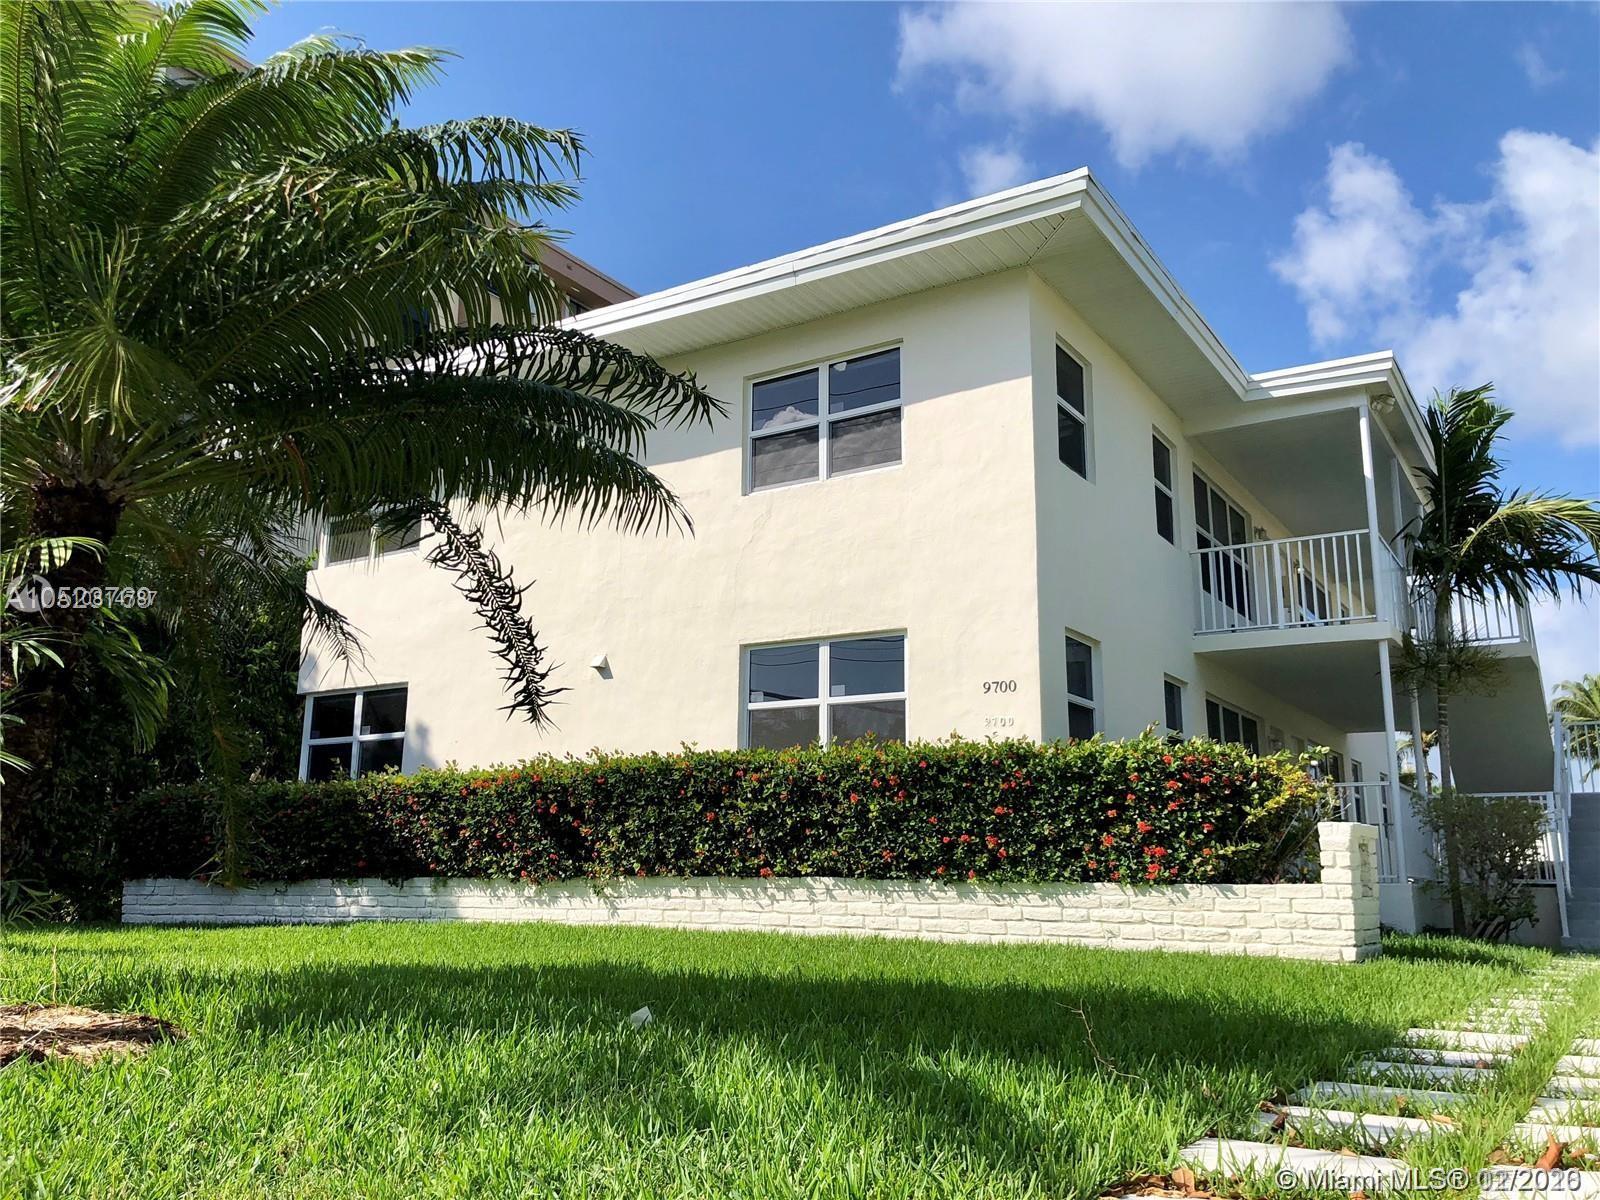 9700 W Bay Harbor Dr #1, Bay Harbor Islands, FL 33154 - Bay Harbor Islands, FL real estate listing